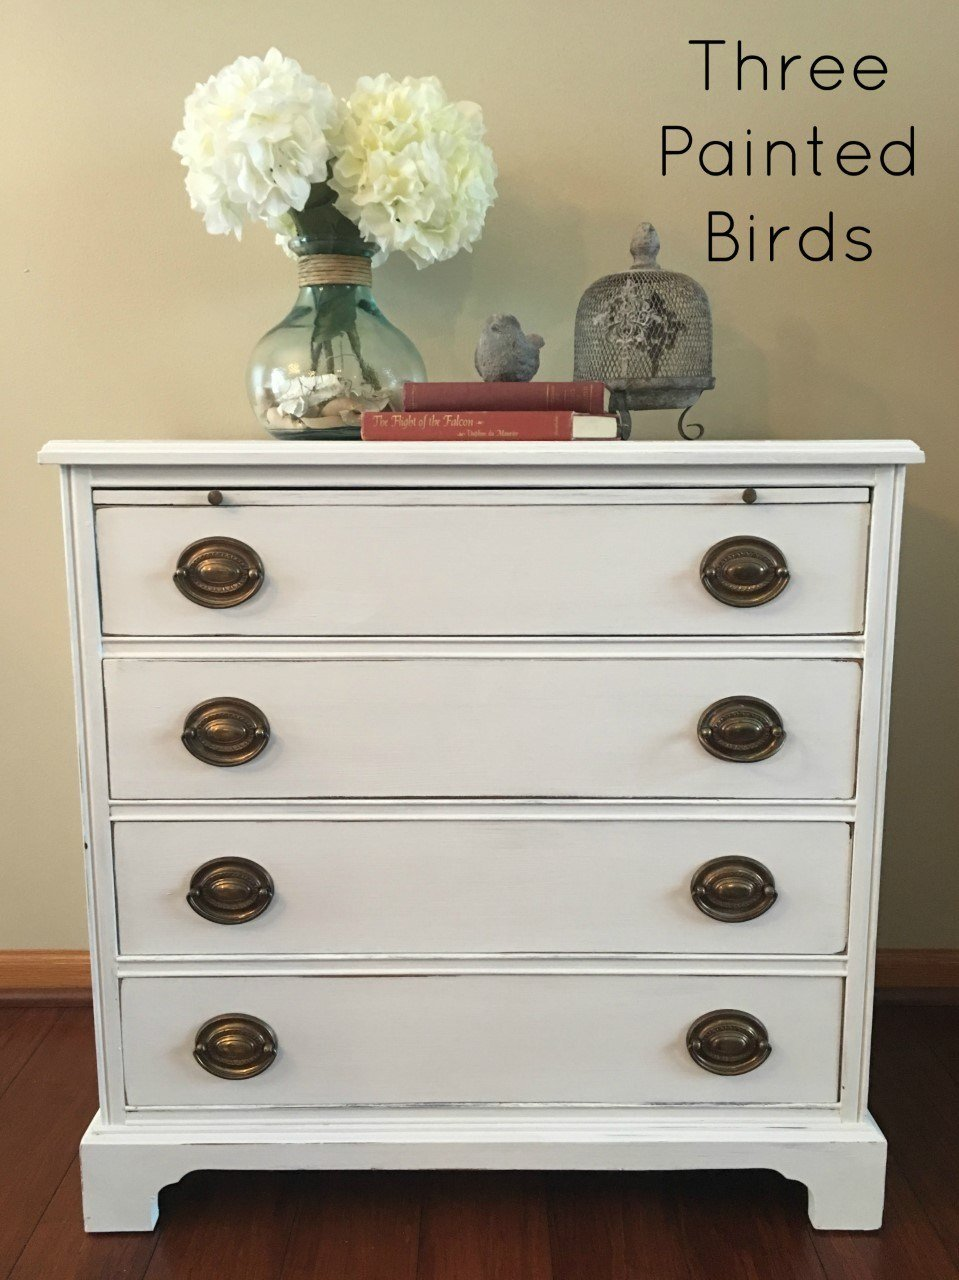 Courtesy: Three Painted Birds